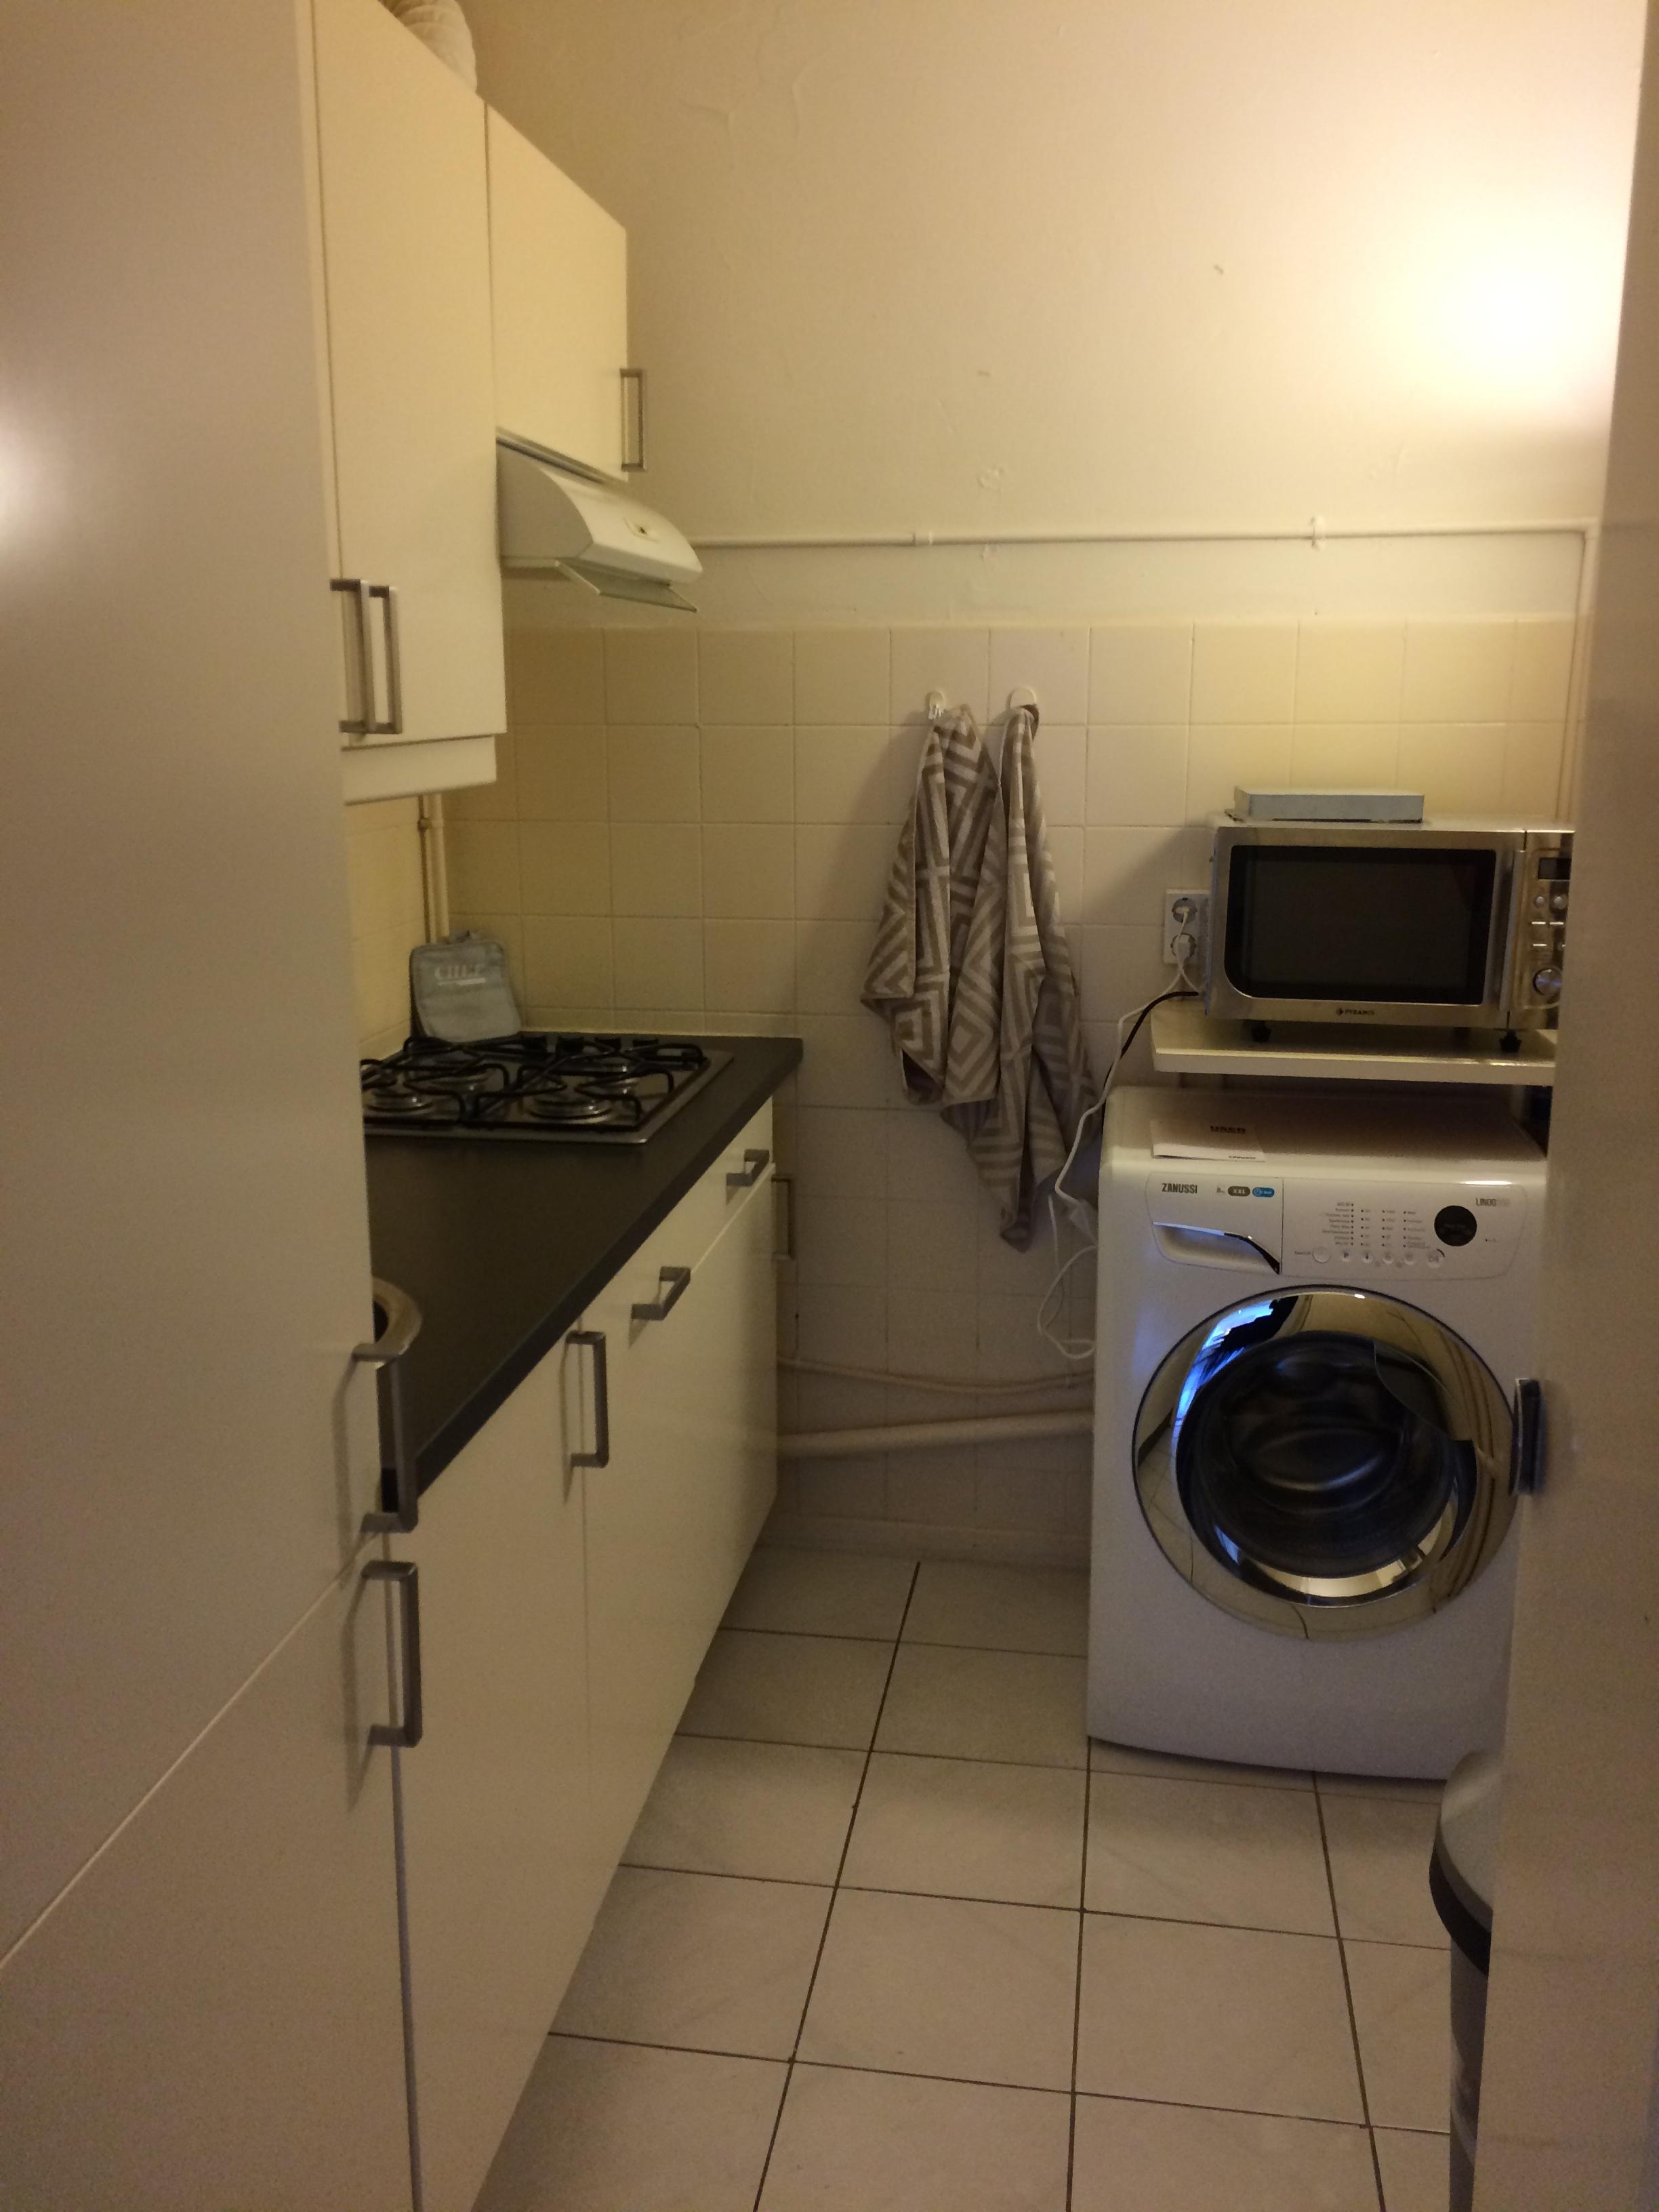 Te huur 2039 gemeubileerd appartement in het centrum van enschede twents vast enschede - Center meubilair keuken ...